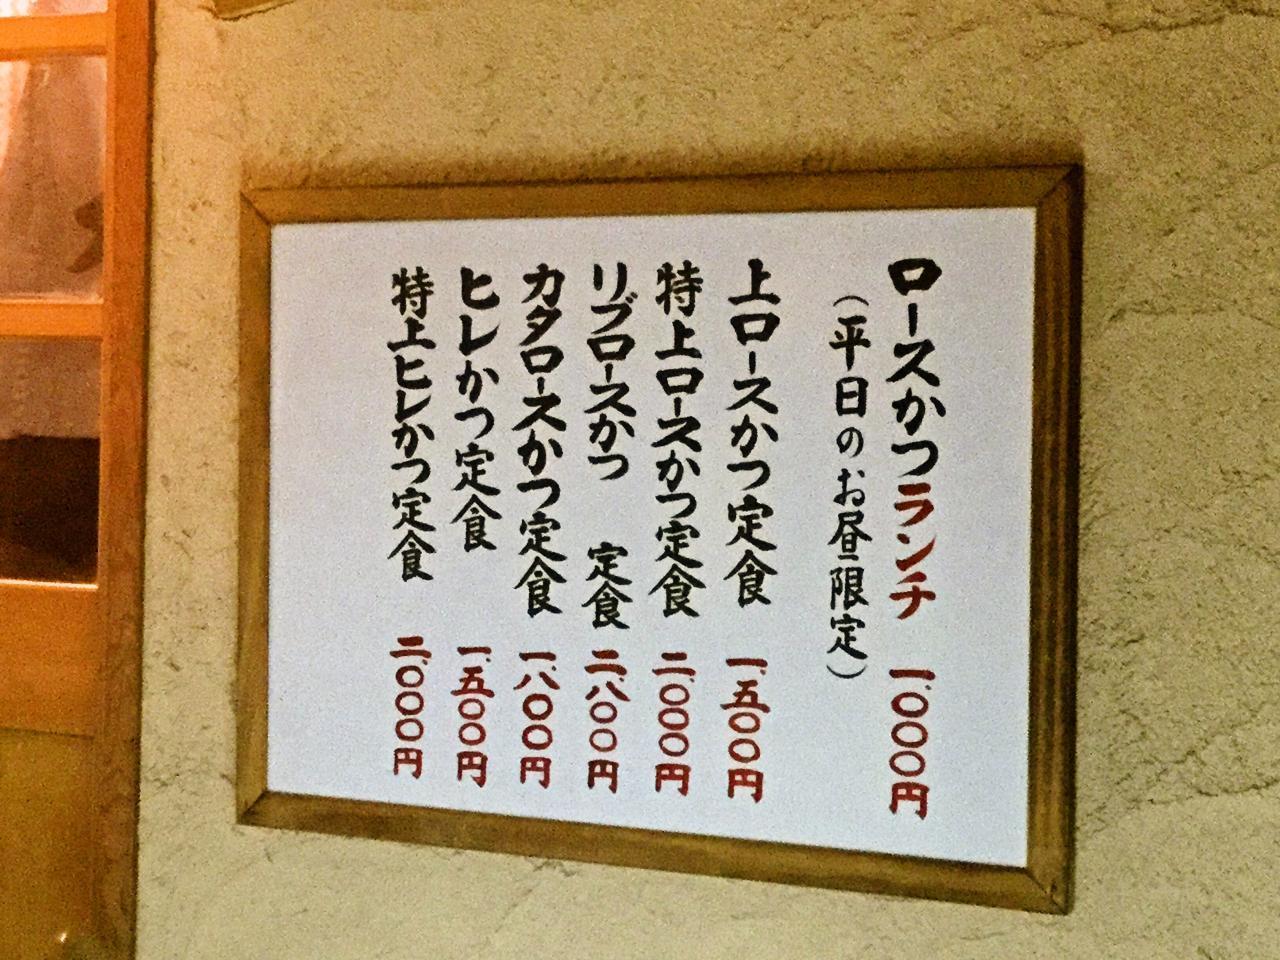 とんかつ檍のカレー屋いっぺこっぺ(メニュー)